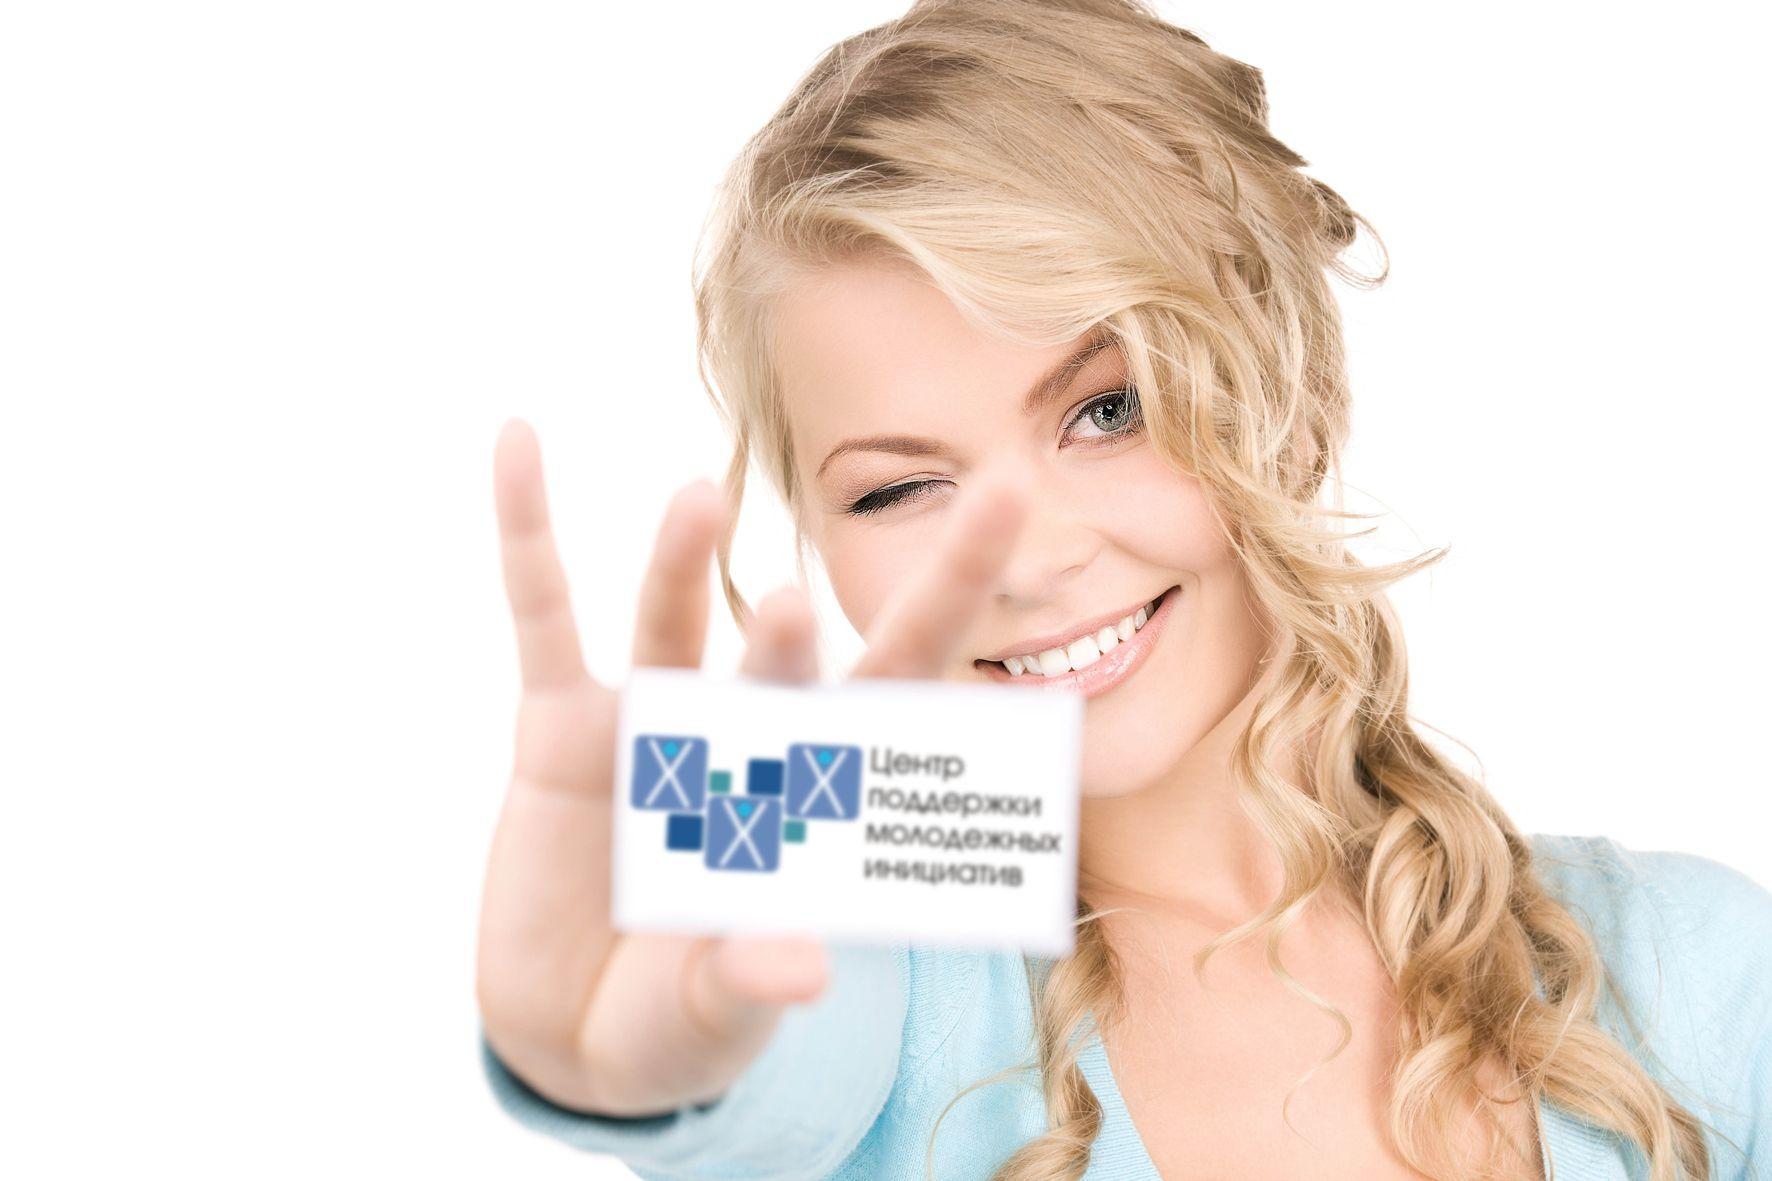 Логотип для Центра поддержки молодежных инициатив - дизайнер trankvi